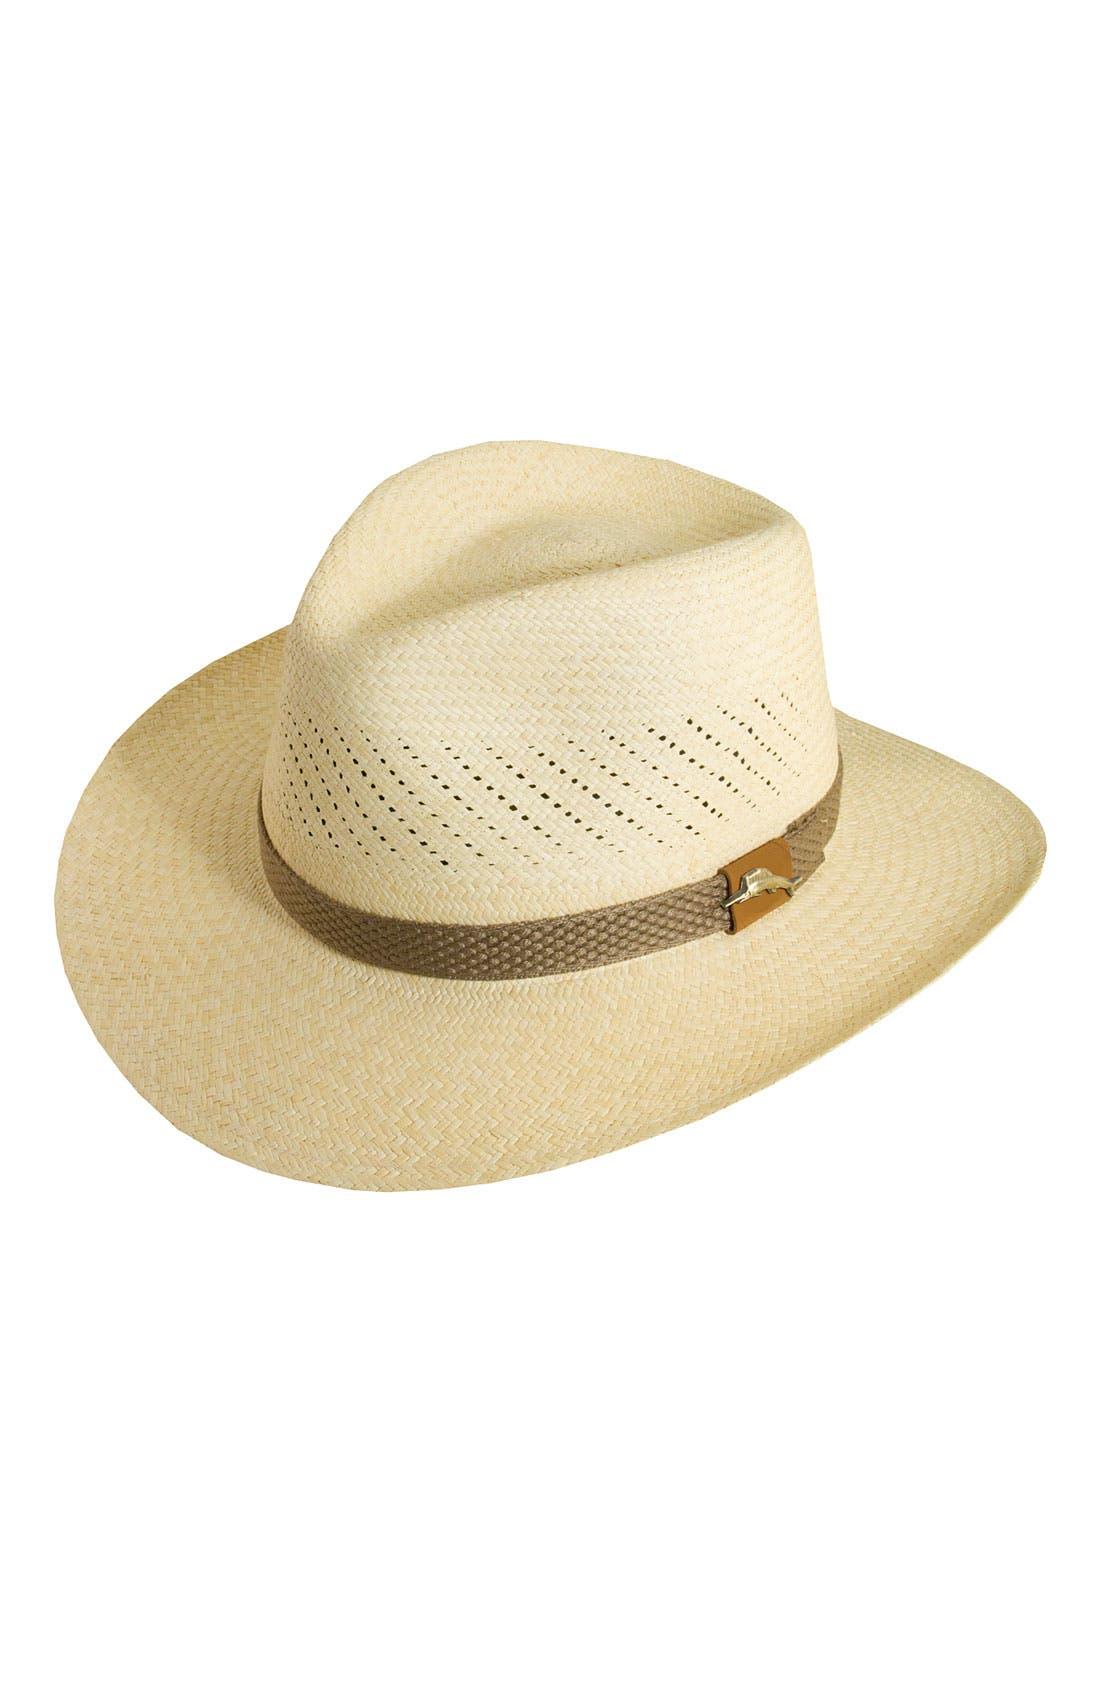 Main Image - Tommy Bahama Safari Panama Straw Fedora